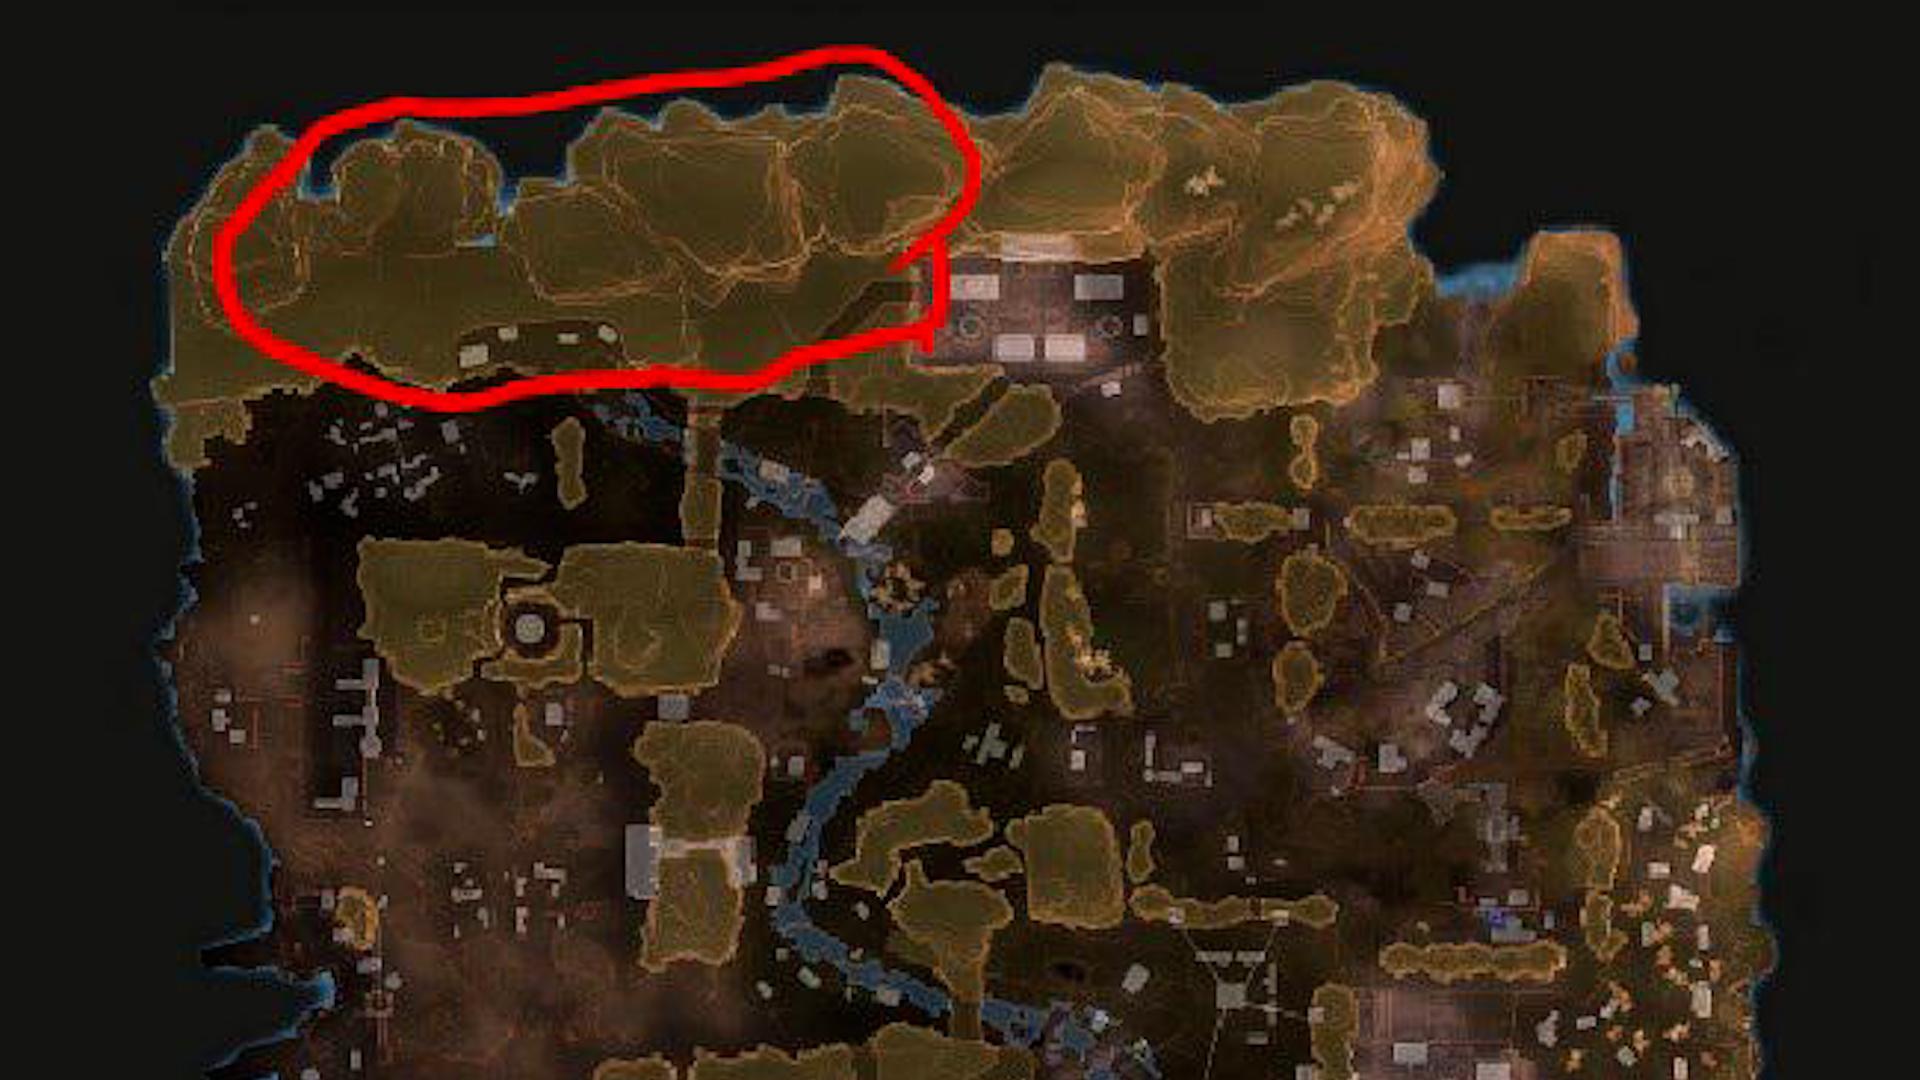 【APEX】新しいキングスキャニオンはこの岩の部分がエリアになるかも??